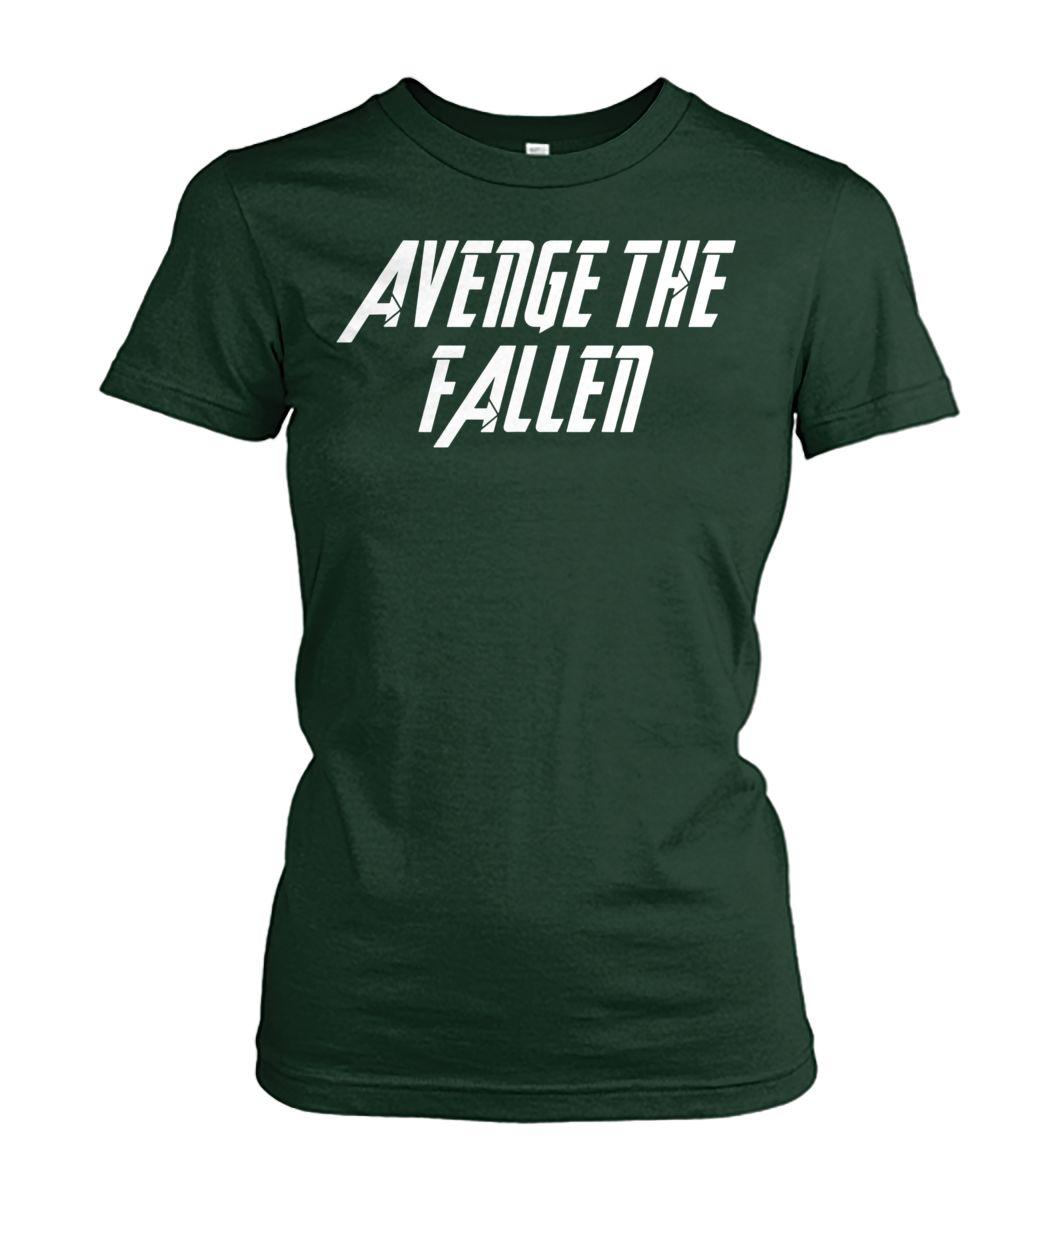 [Hot version] Avengers endgame avenge the fallen shirt